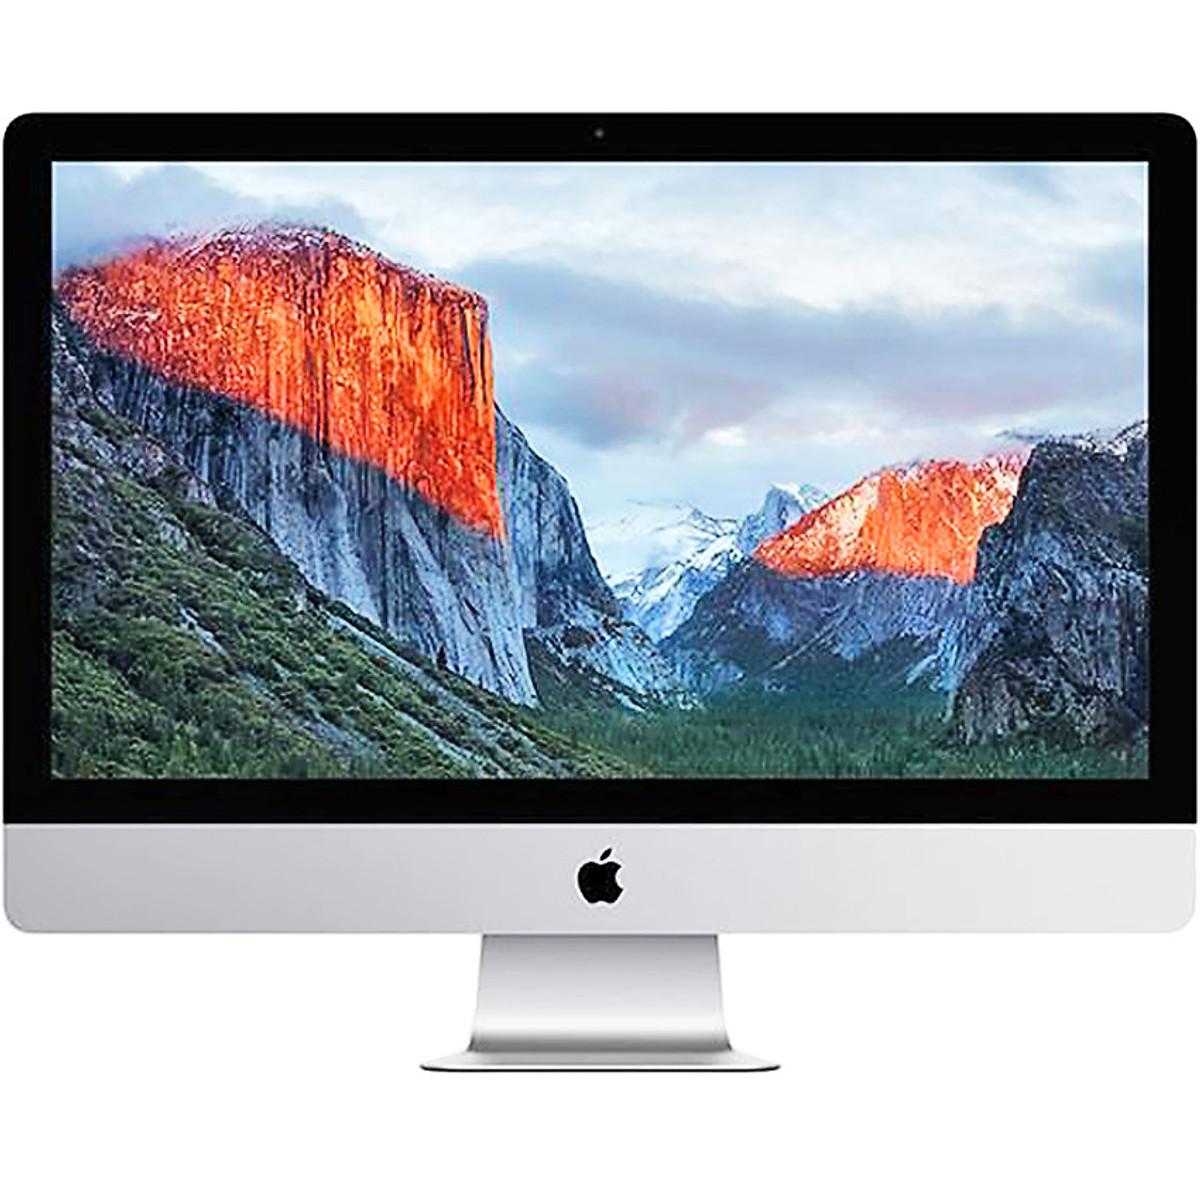 Apple iMac 2019 MRT32SA/A 21.5 inch 4K – Hàng Chính Hãng